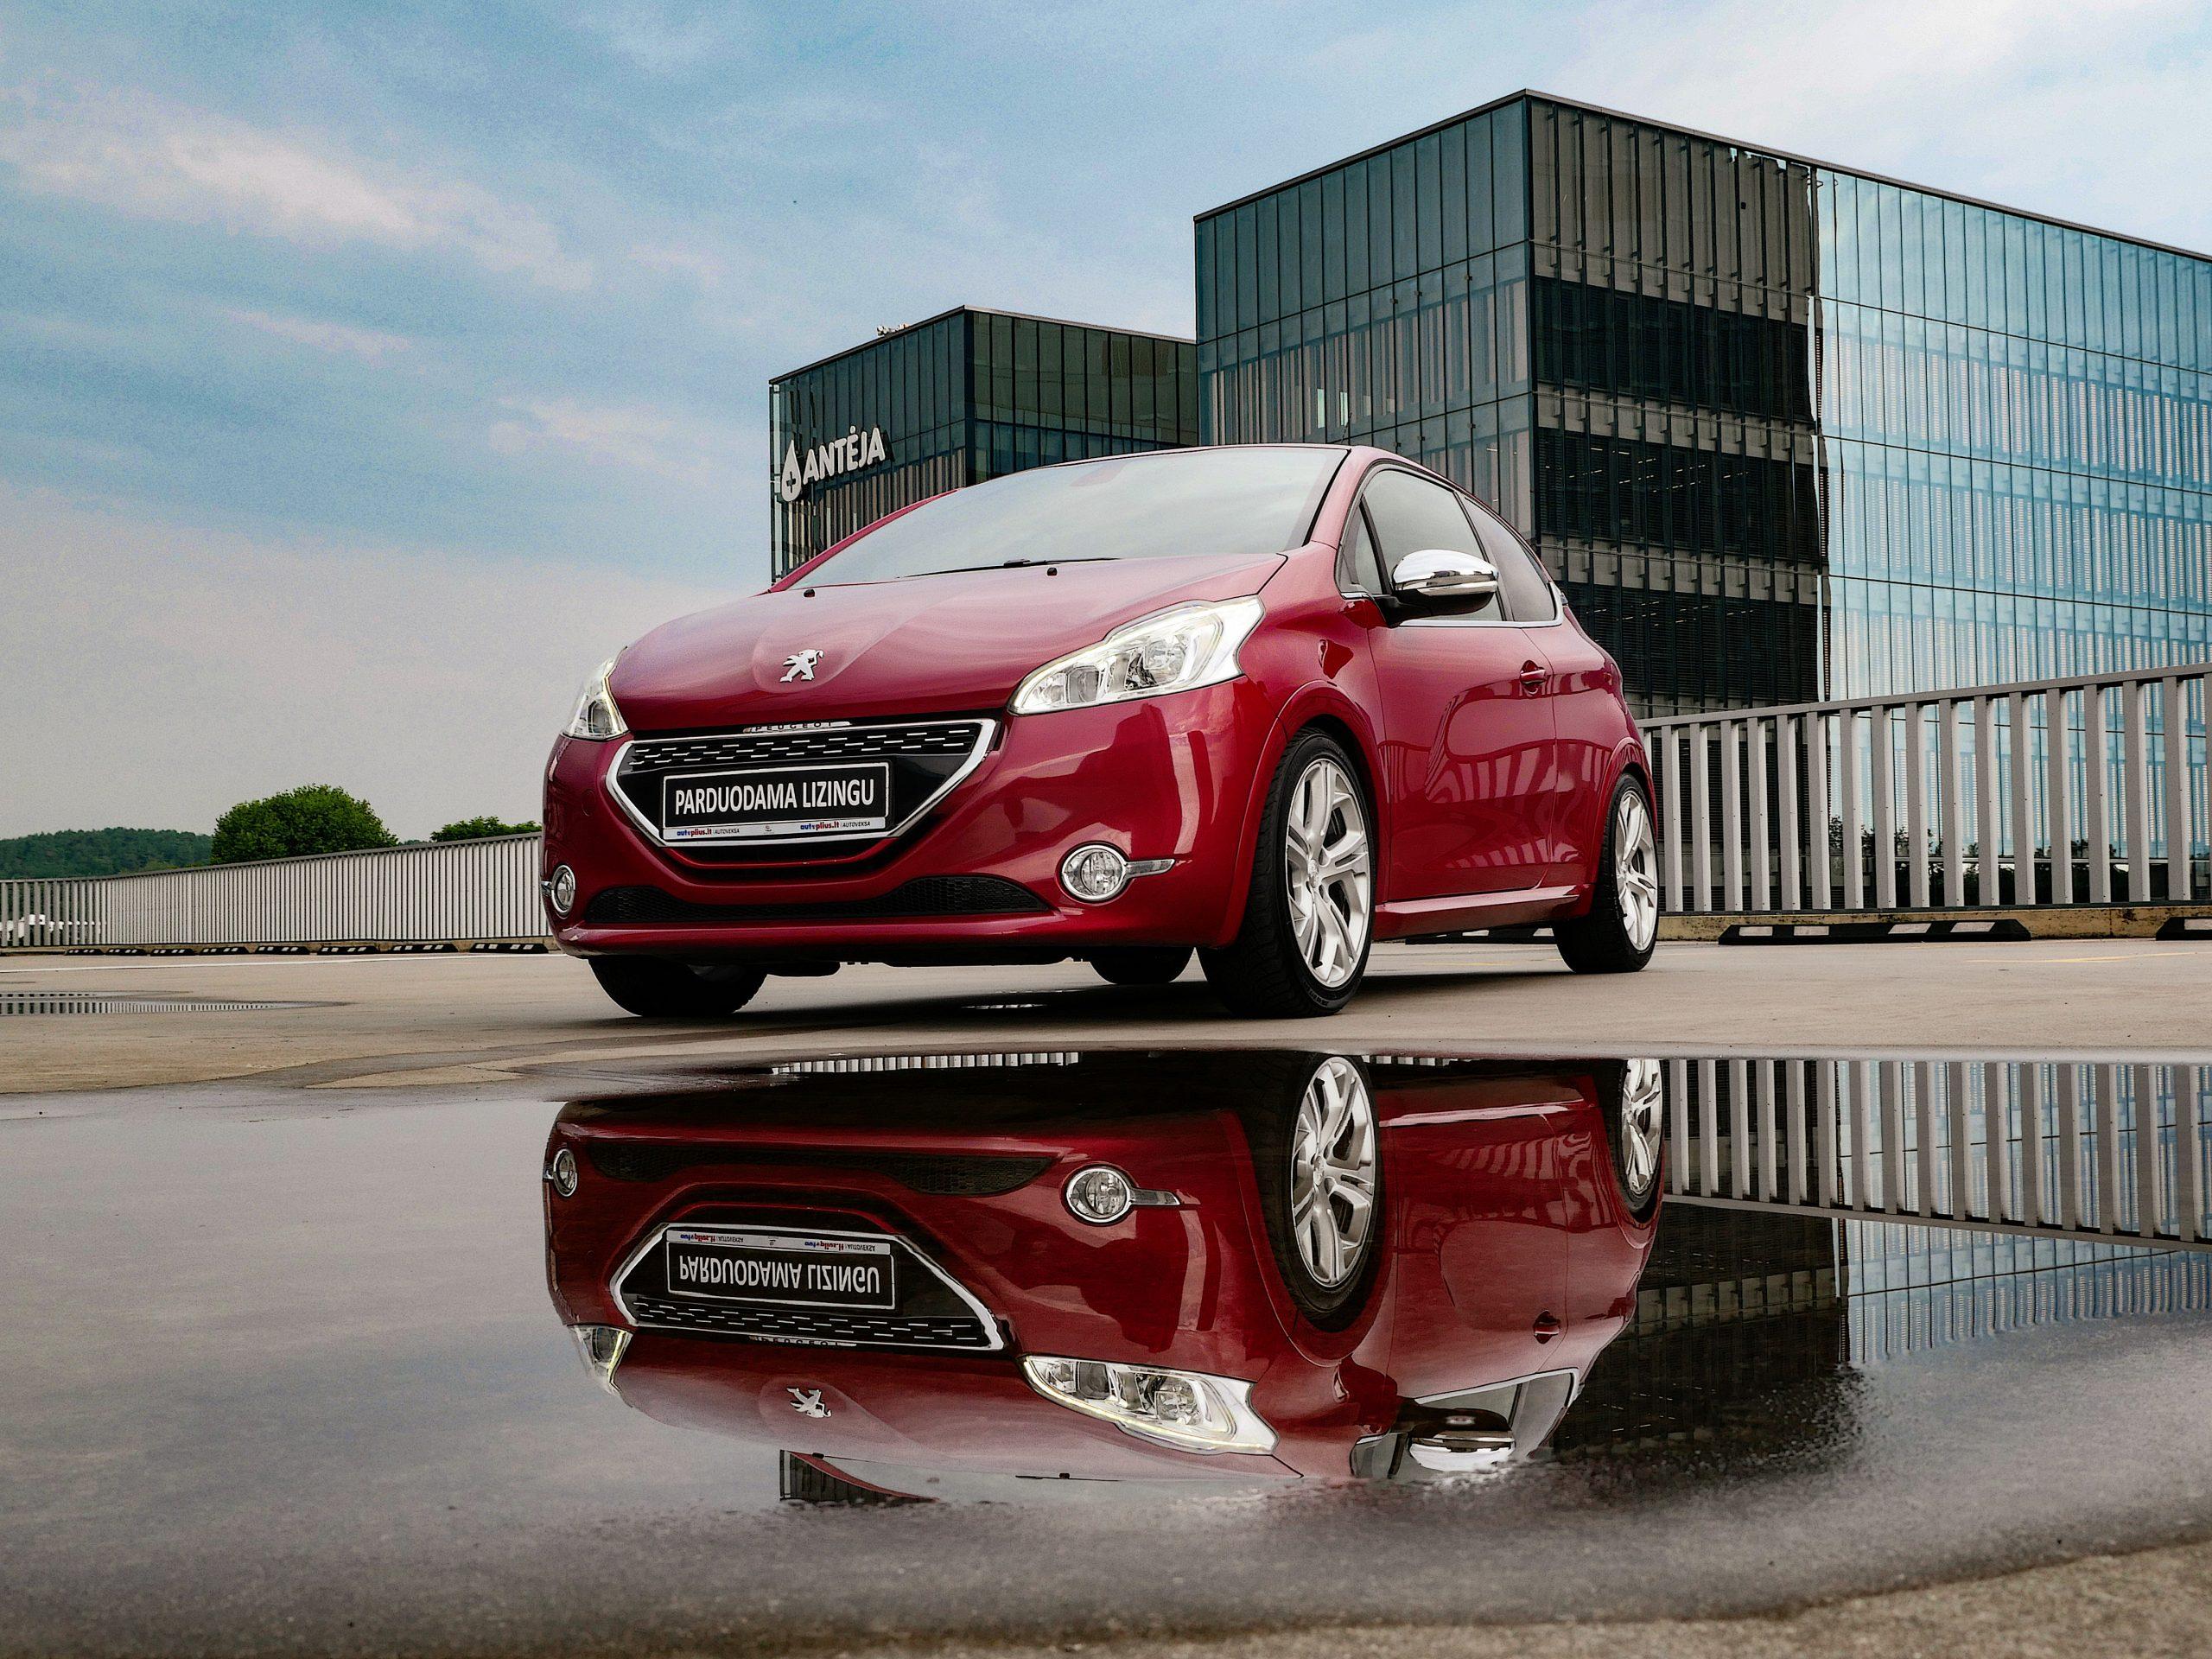 Peugeot 208 Išsimokėtinai nuo 131Eur/Mėn su 3 mėnesių garantija